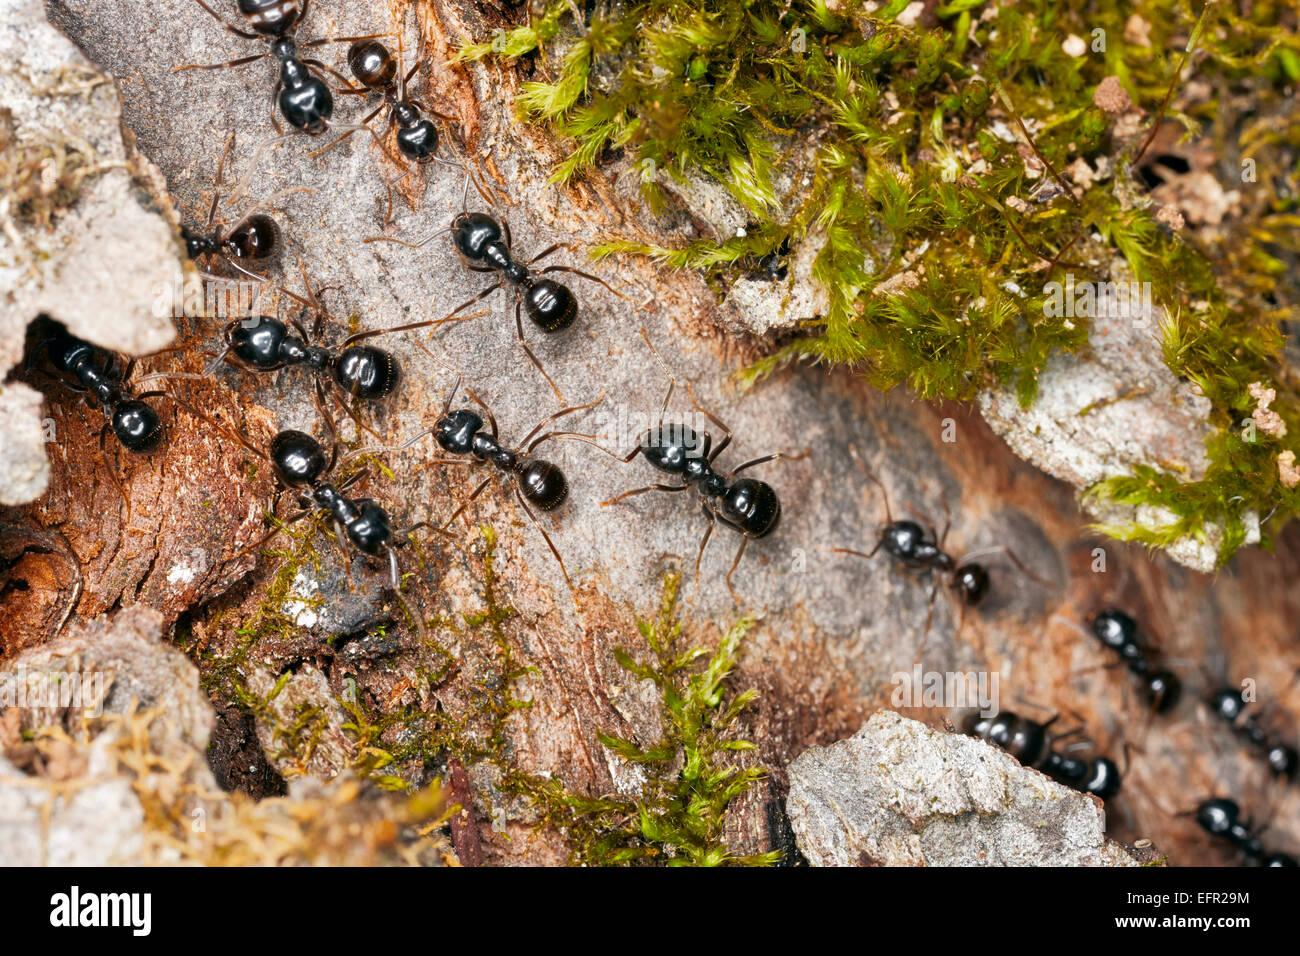 Hormigas Negras De Jardín Imágenes De Stock & Hormigas Negras De ...